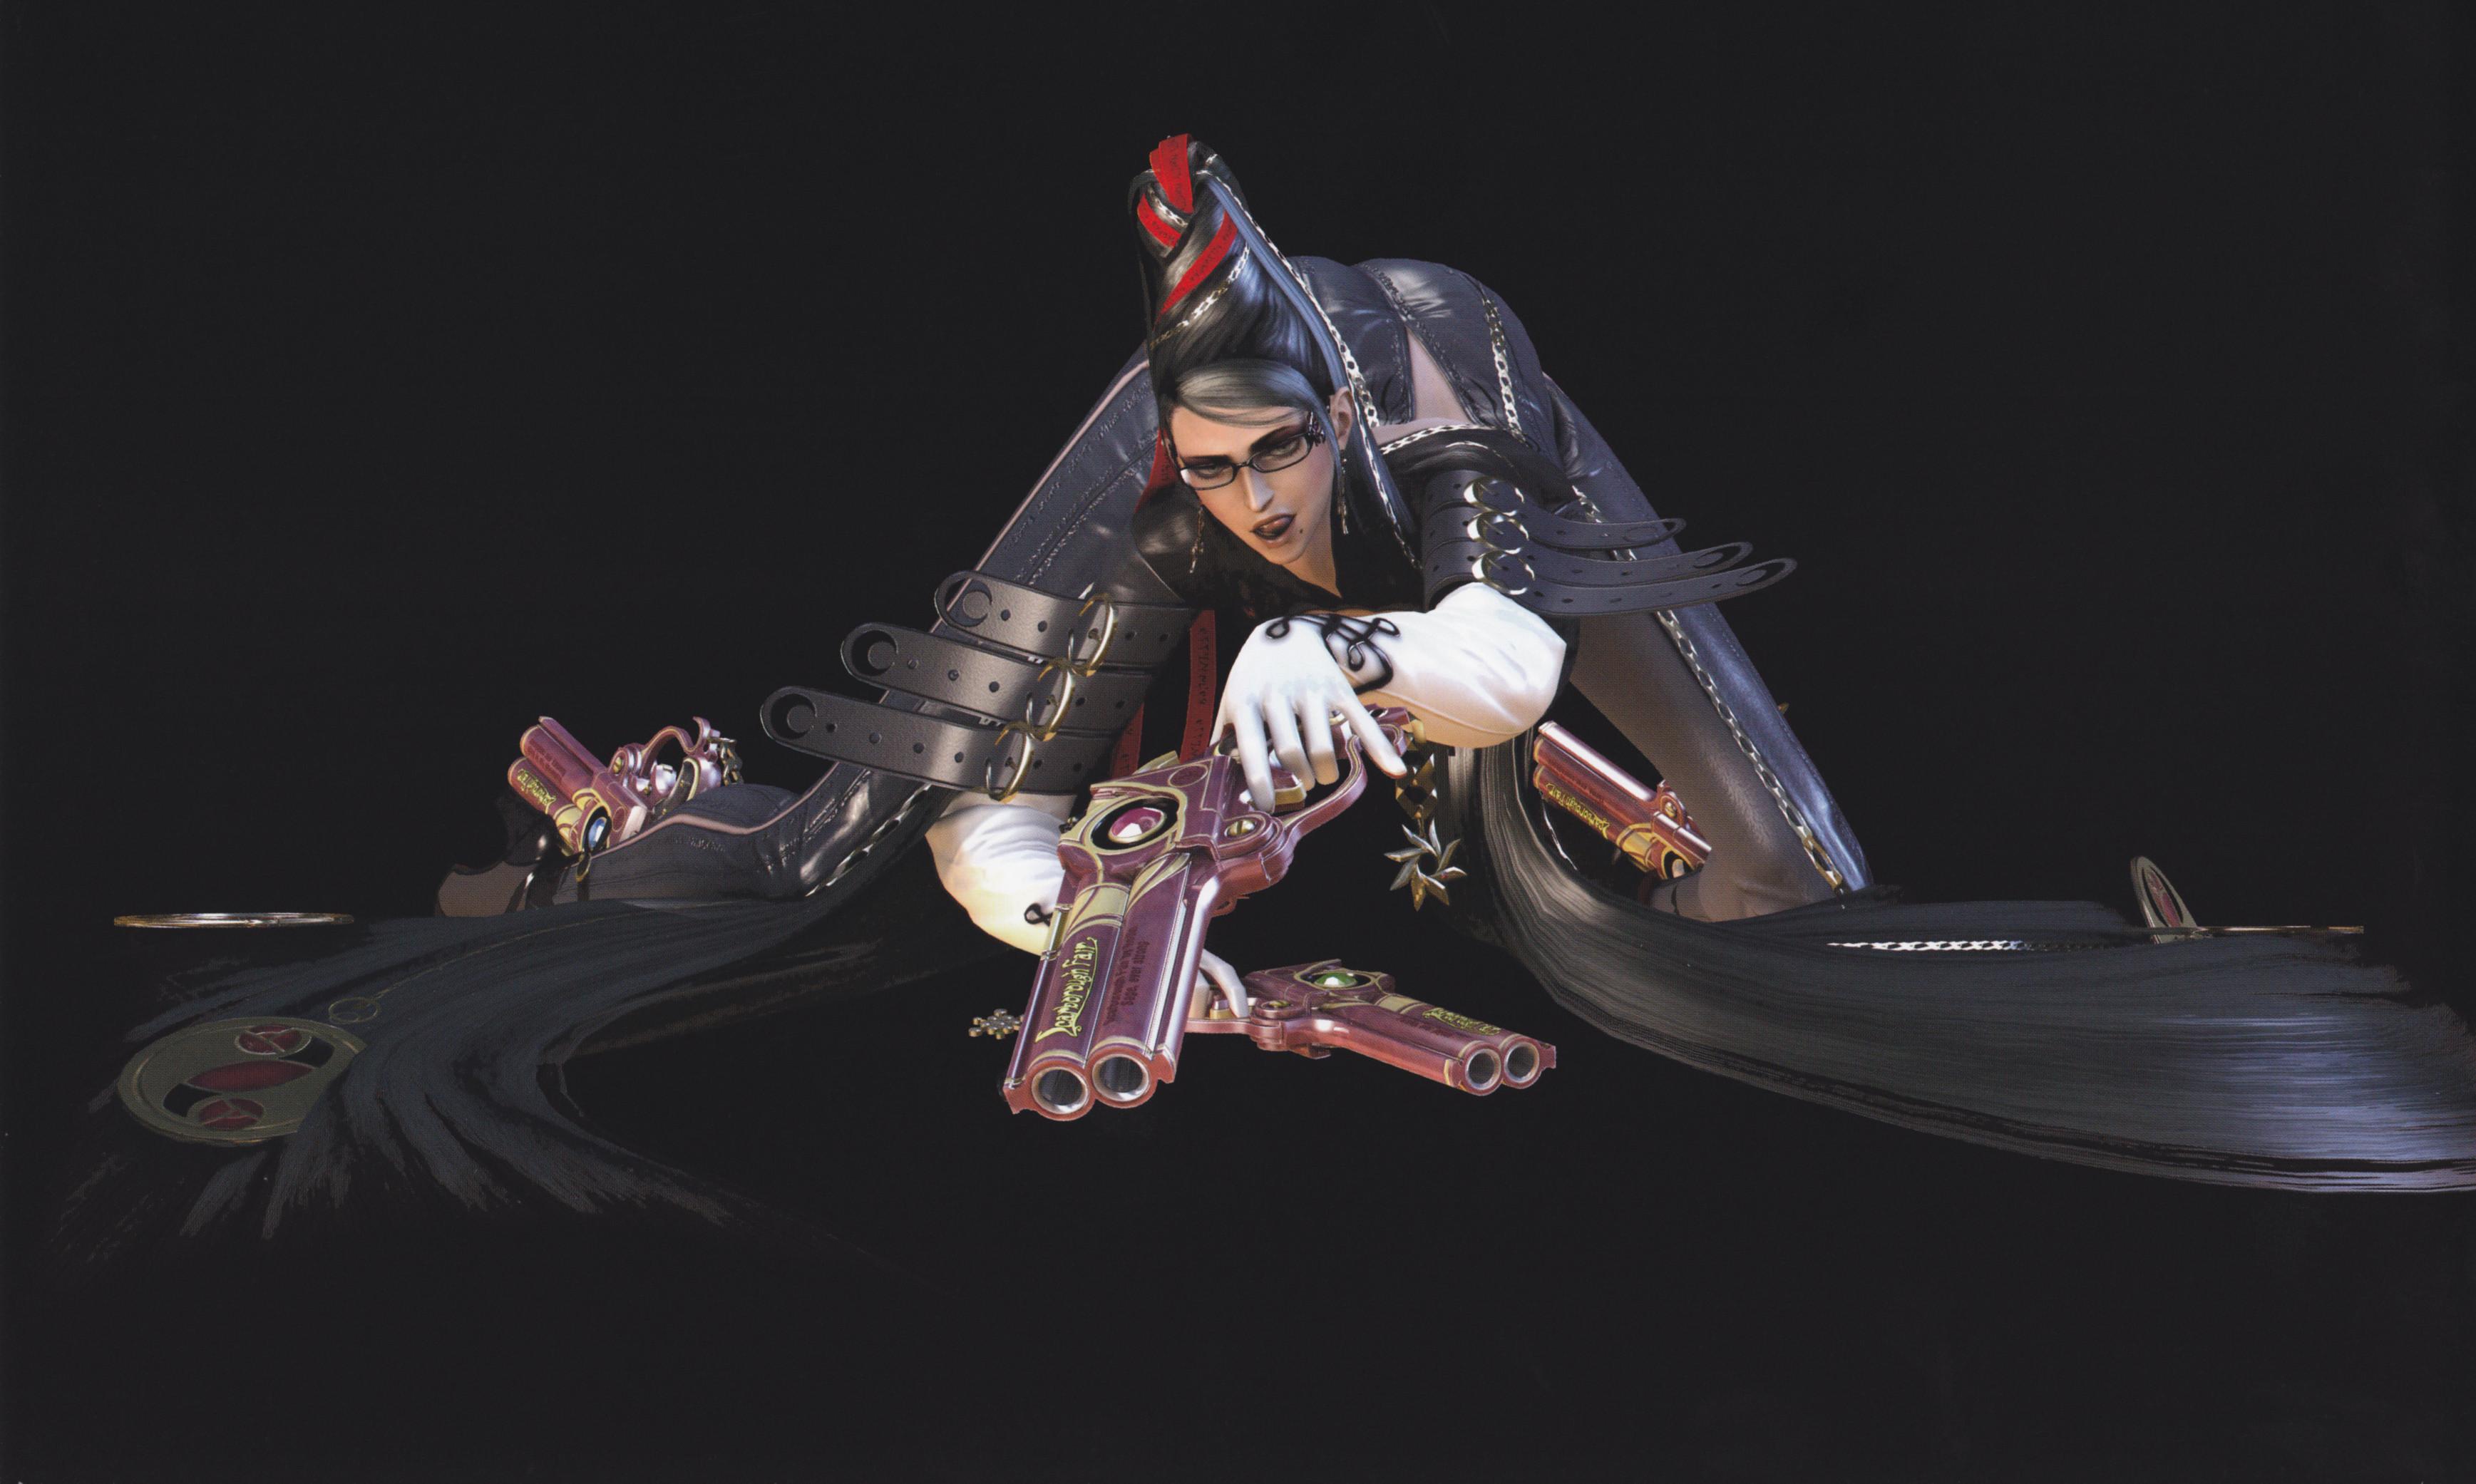 Bayonetta (Character) · download Bayonetta (Character) image